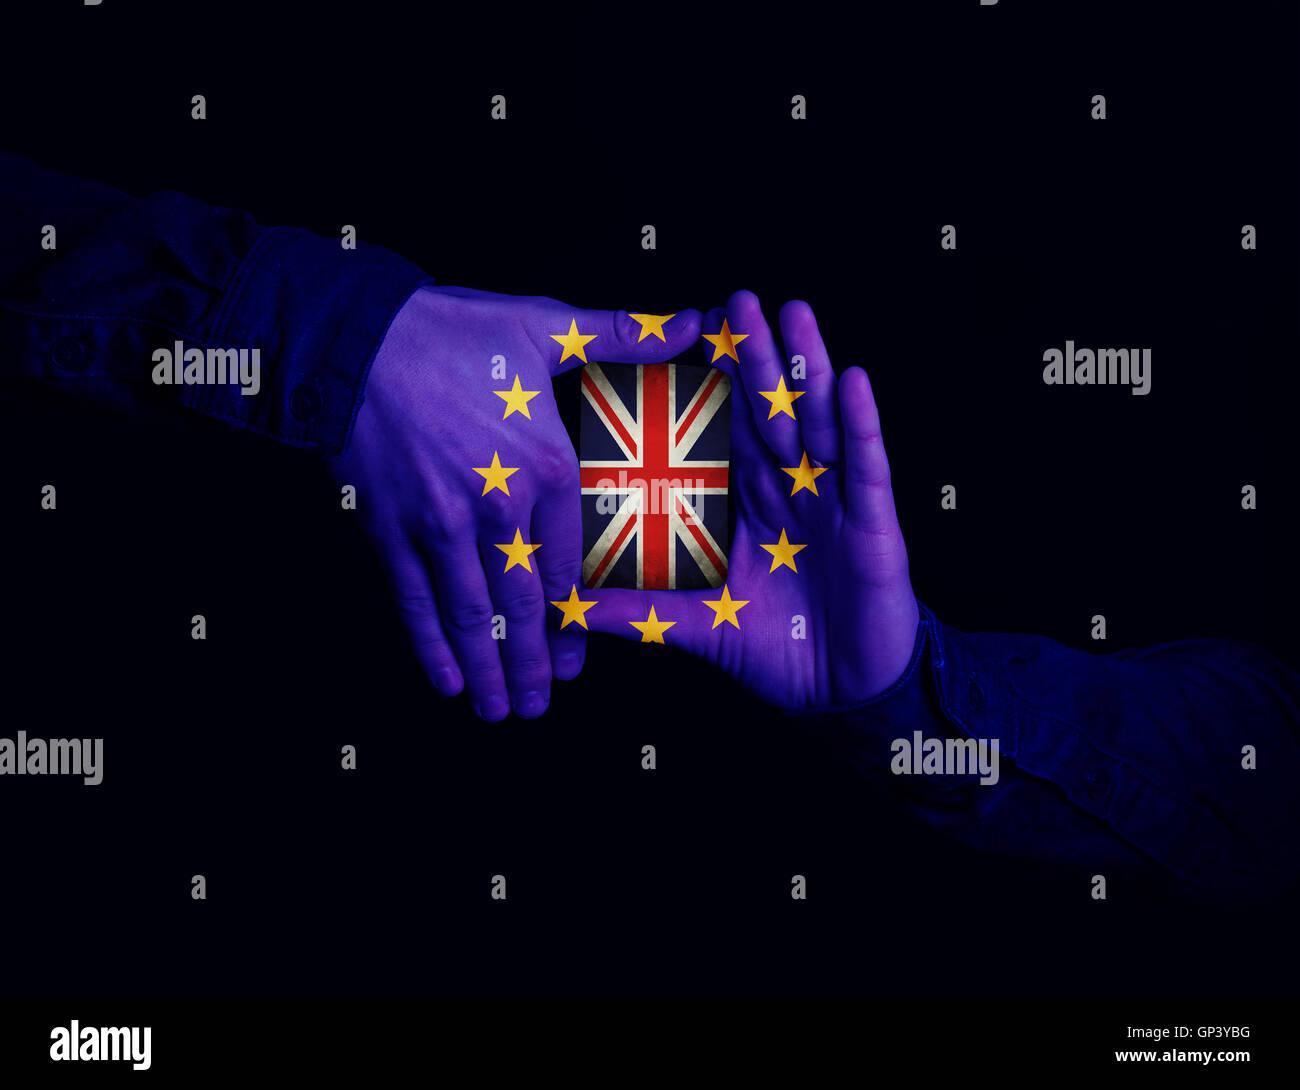 Cerca de manos atada con la bandera de la Comunidad Europea mantiene una tarjeta con la bandera del Reino Unido. Imagen De Stock